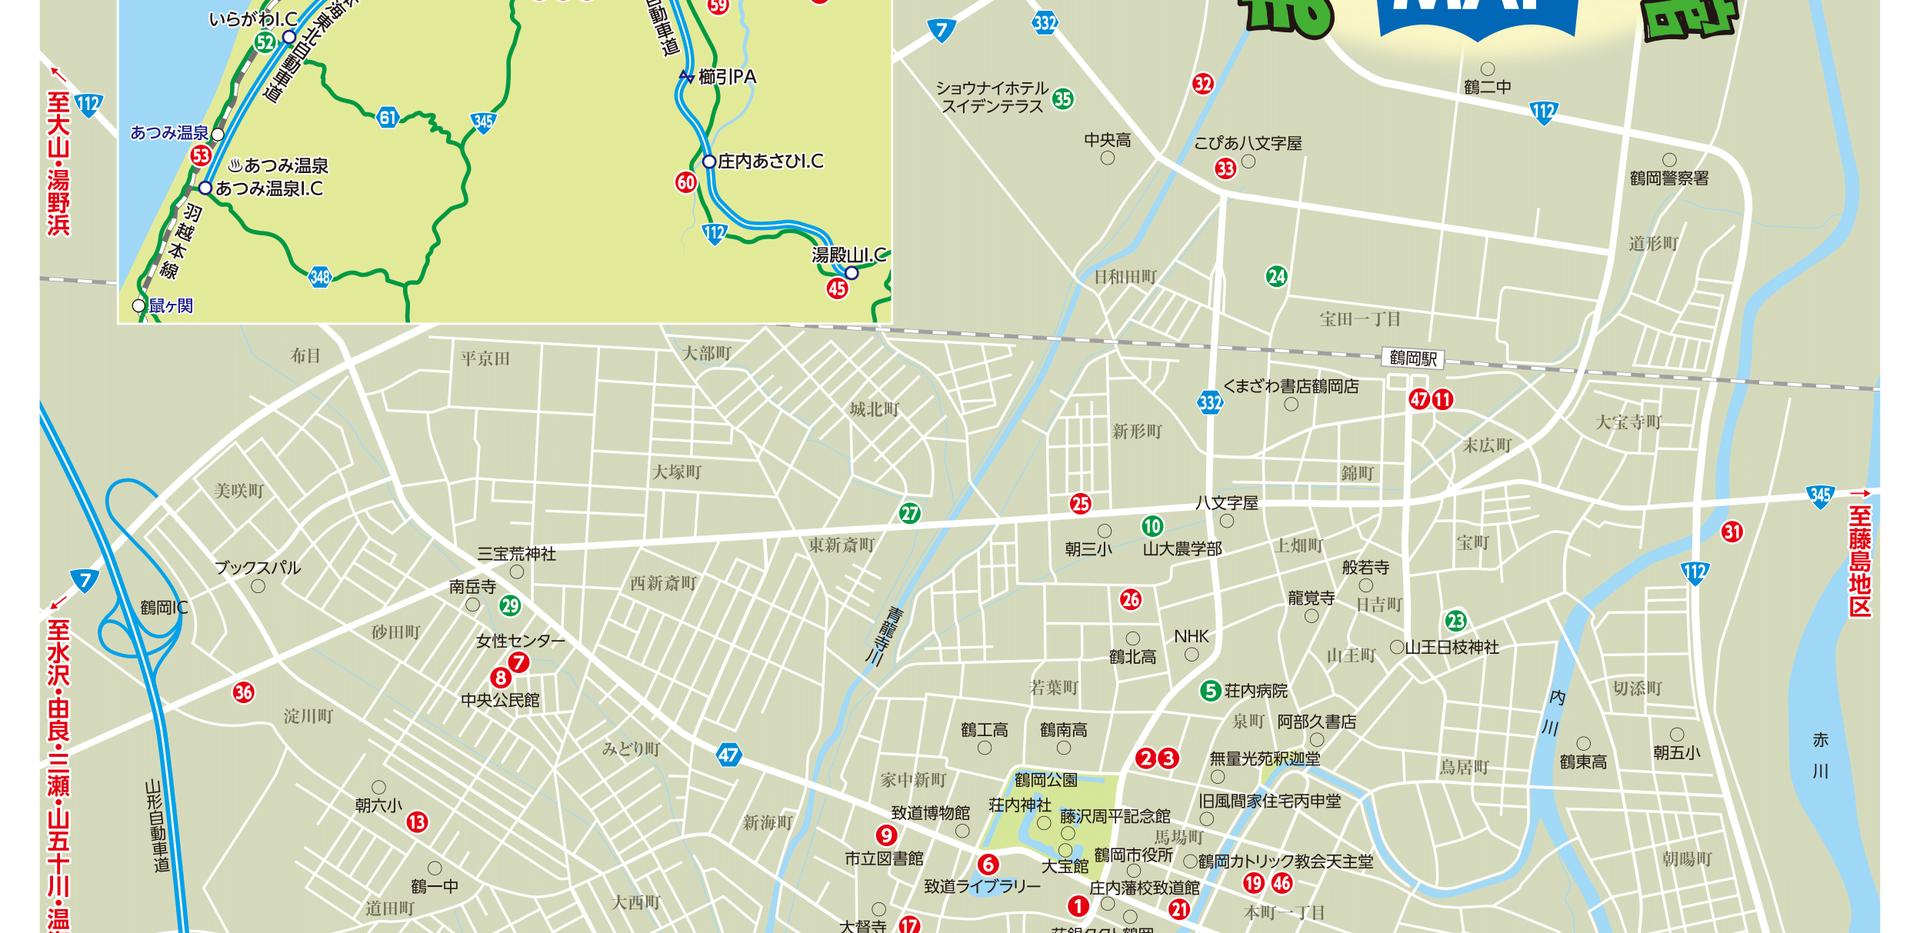 全体地図-1.png